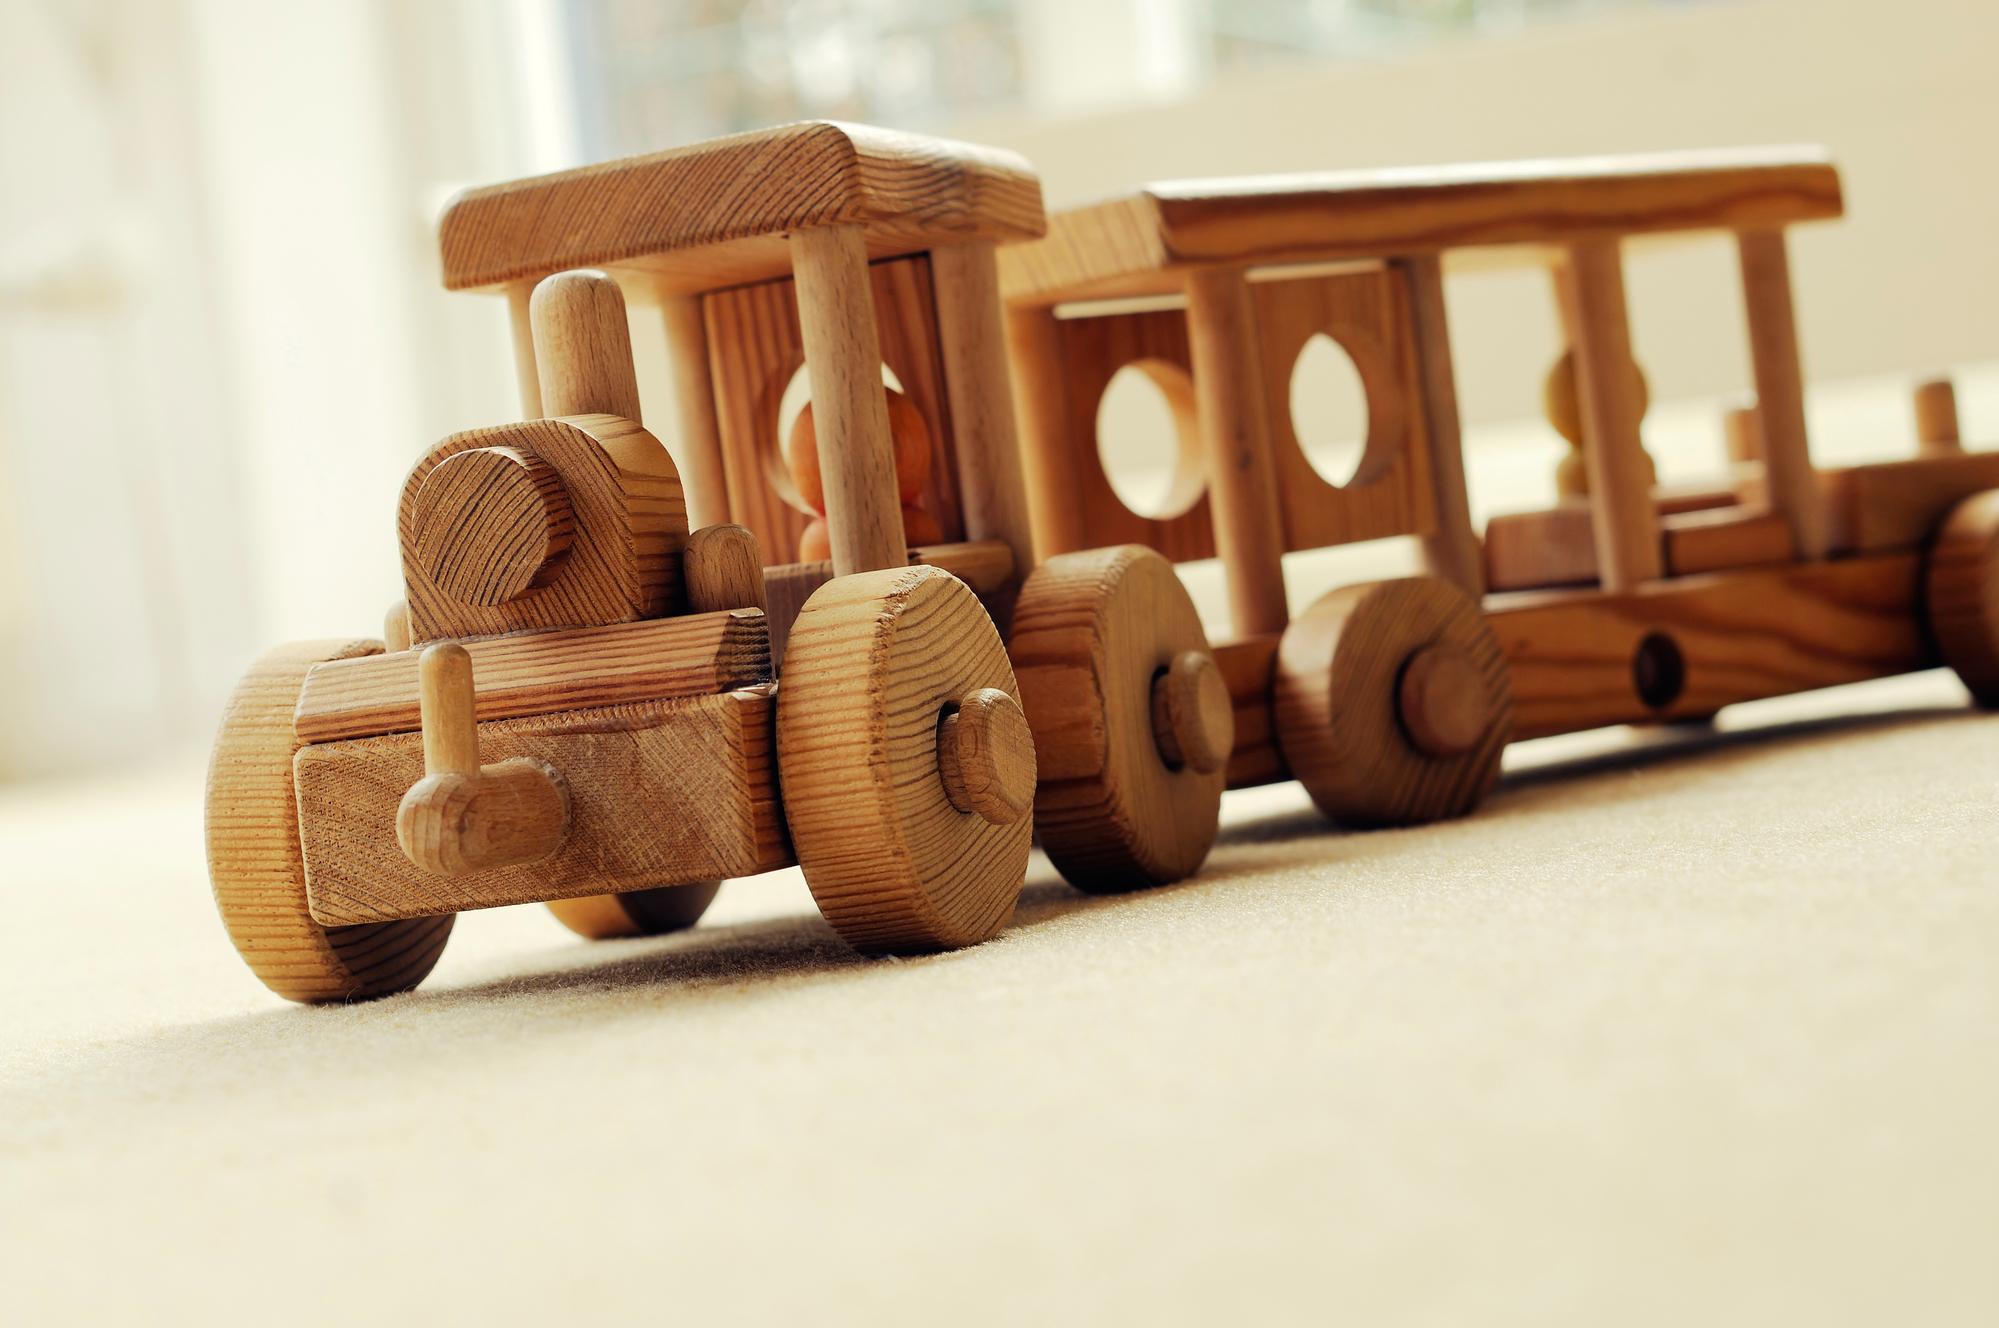 Spielzeug Fur 2 Jahrige Die Besten 9 Ideen Fur Spielzeug Ab 2 Jahre Elternleicht De